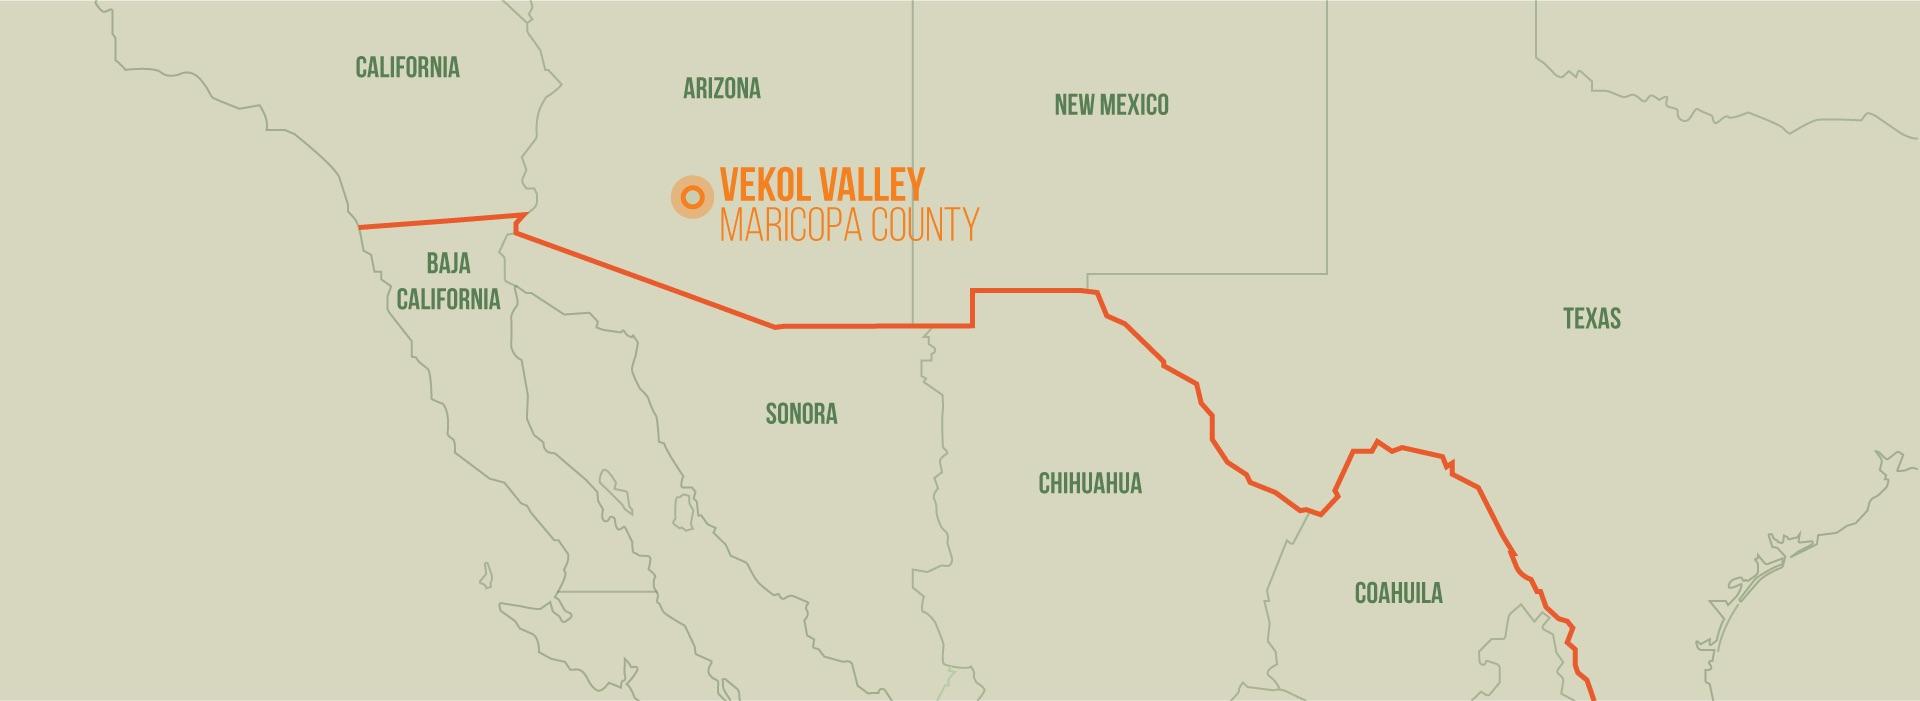 Vekol Valley, Maricopa County, Ariz. Mallory Short—The Drive